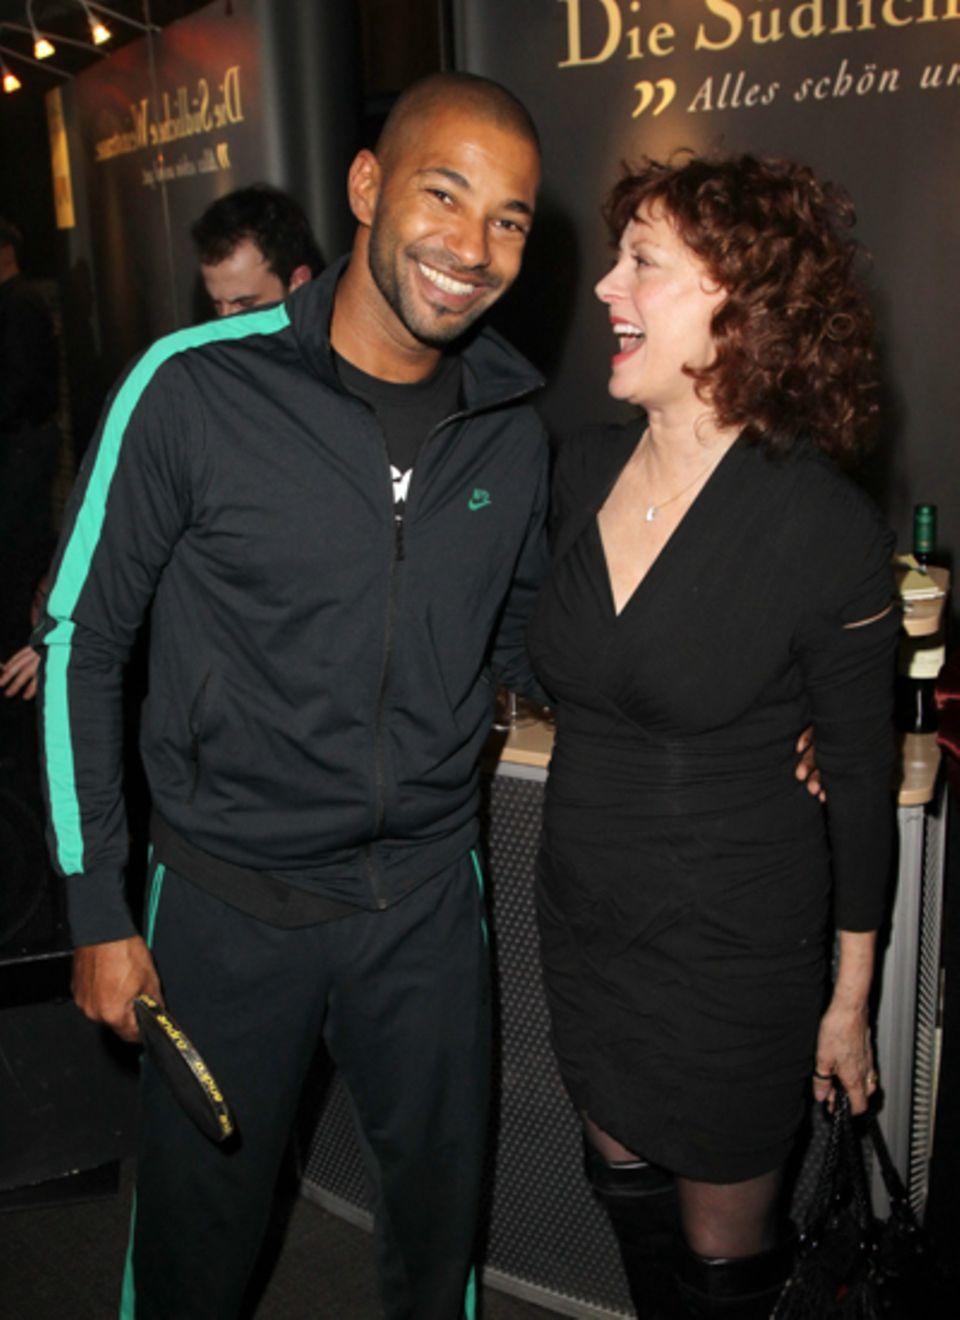 Tyron Ricketts Trainingsanzug scheint Susan Sarandon sehr zu begeistern.